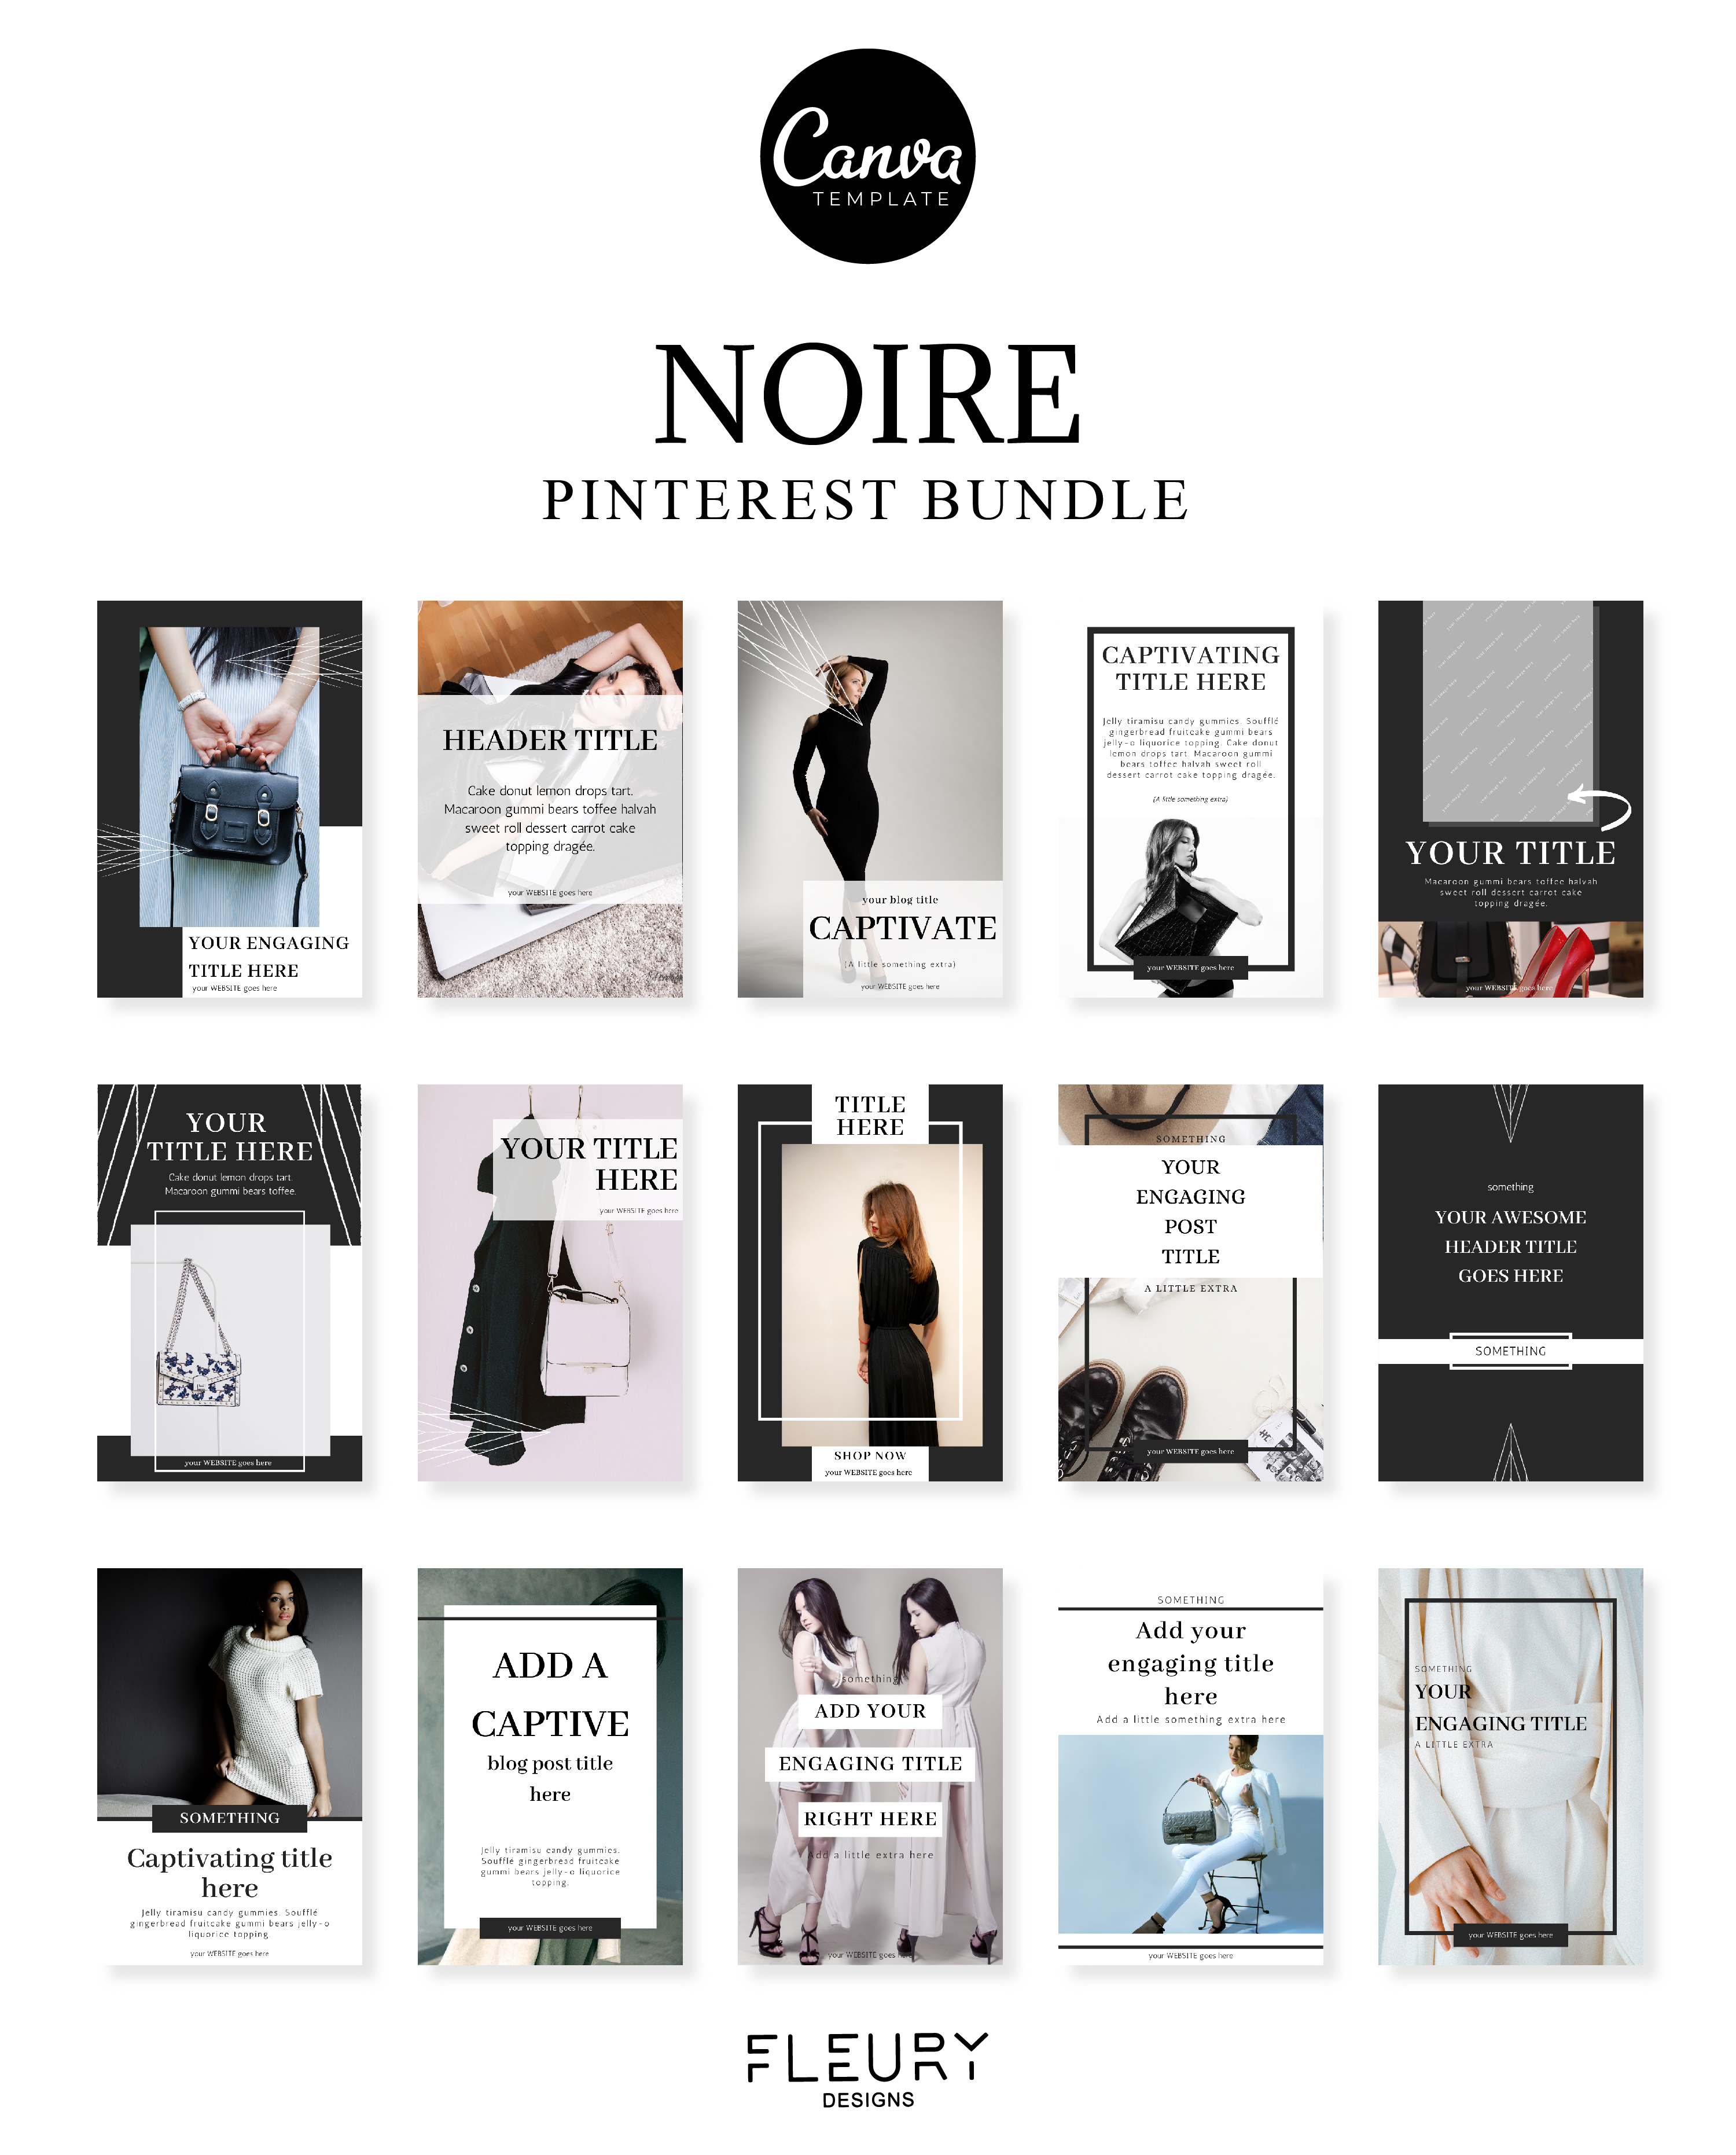 Pinterest Bundle Canva Template - Noire example image 4